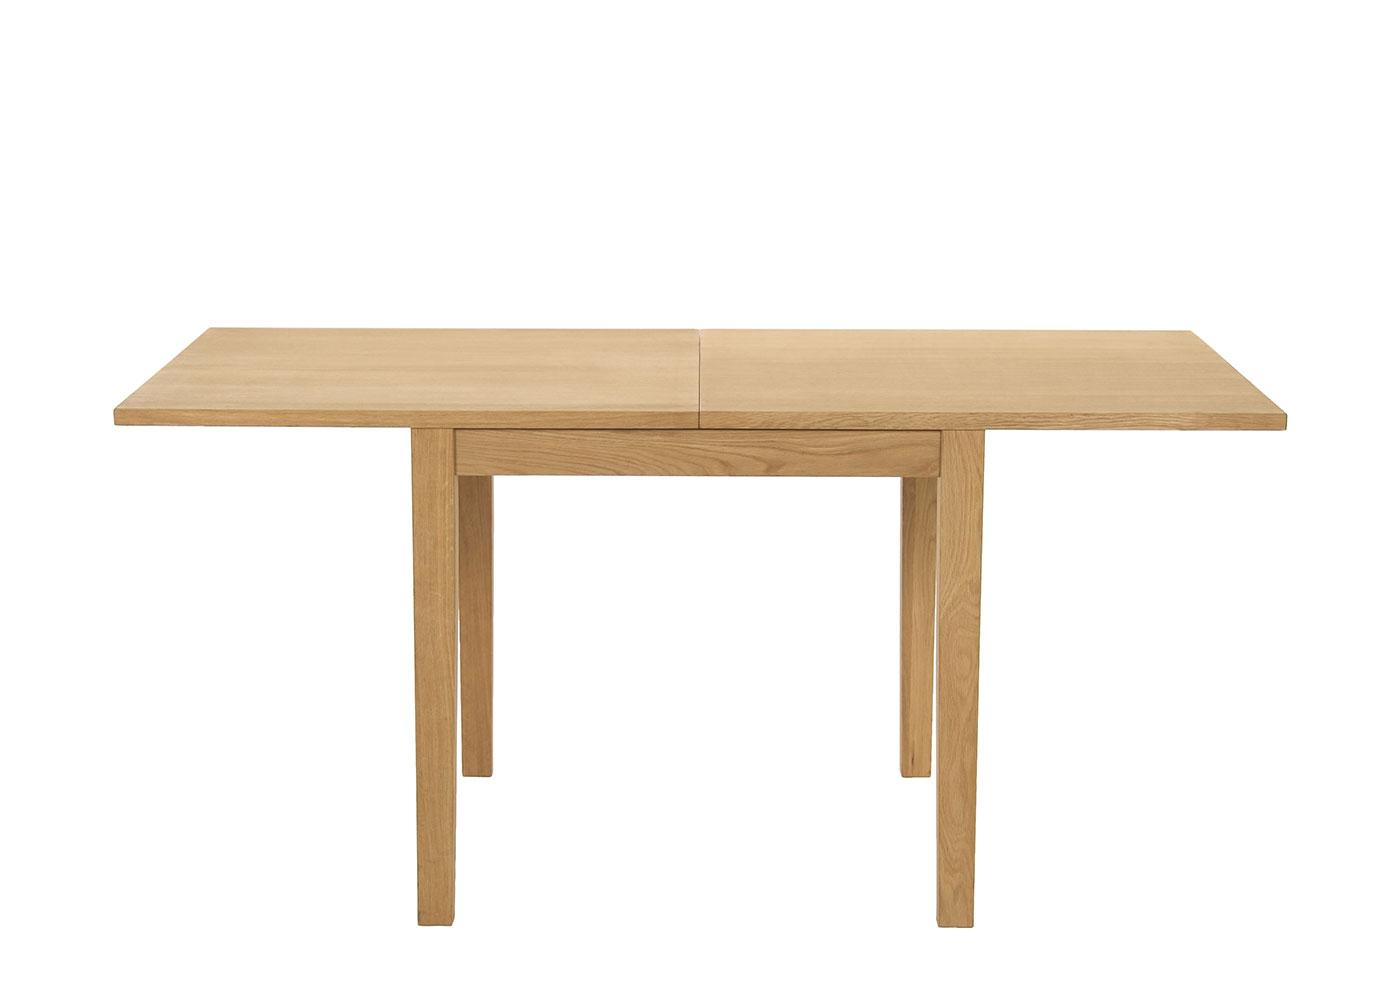 Jedálenský stôl skladací Jackie, 160 cm, dub